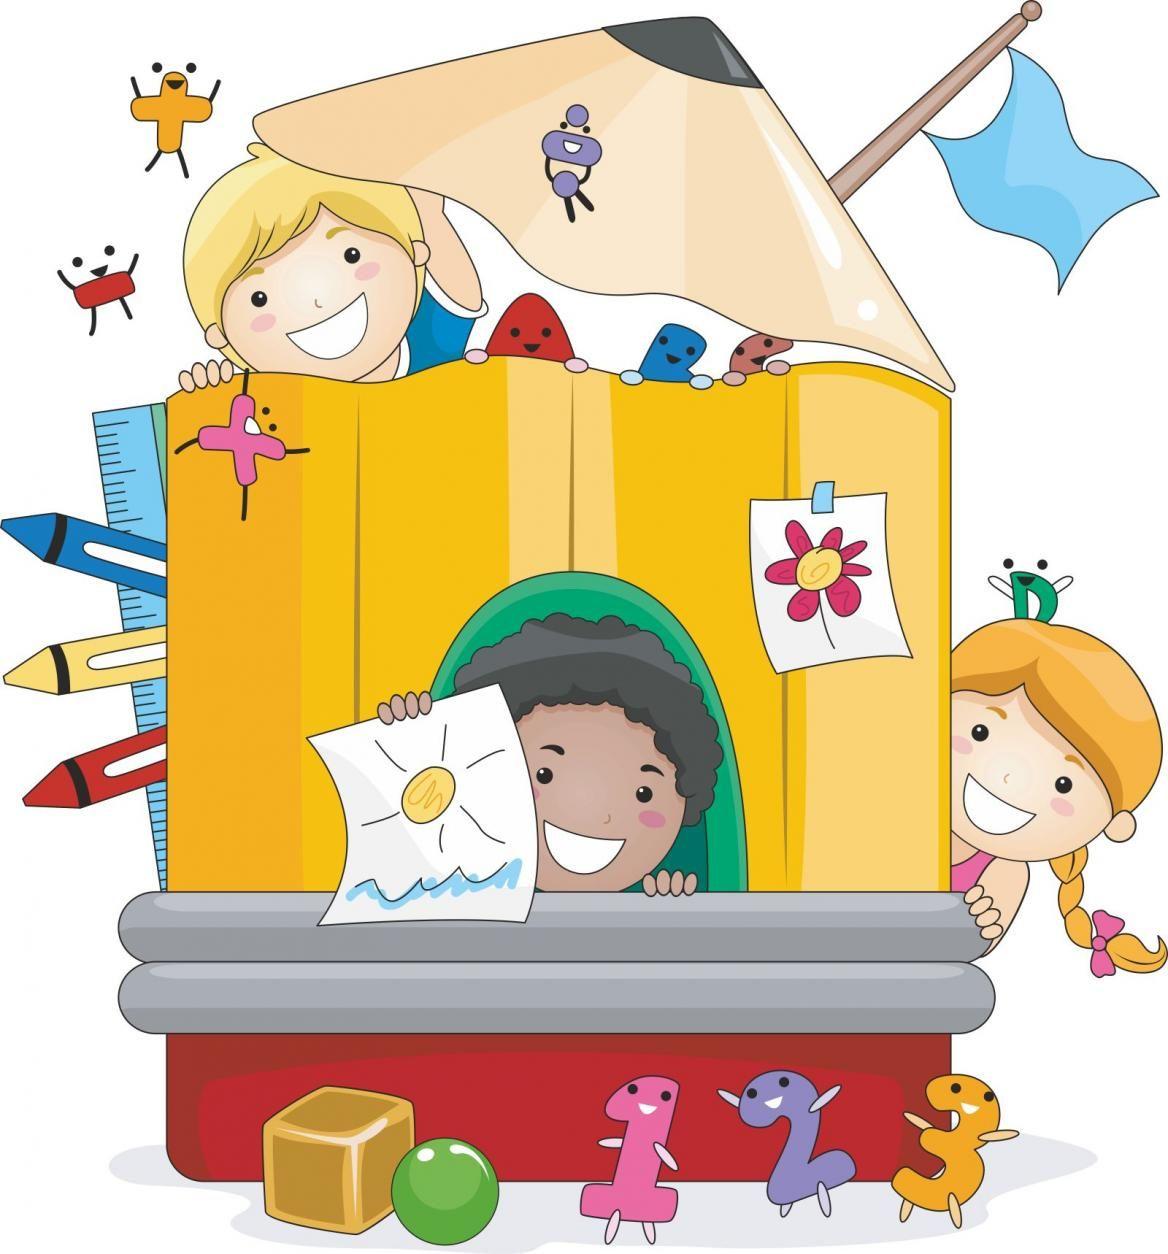 emlékezet fejlesztése   cute   Pinterest   Preschool activities